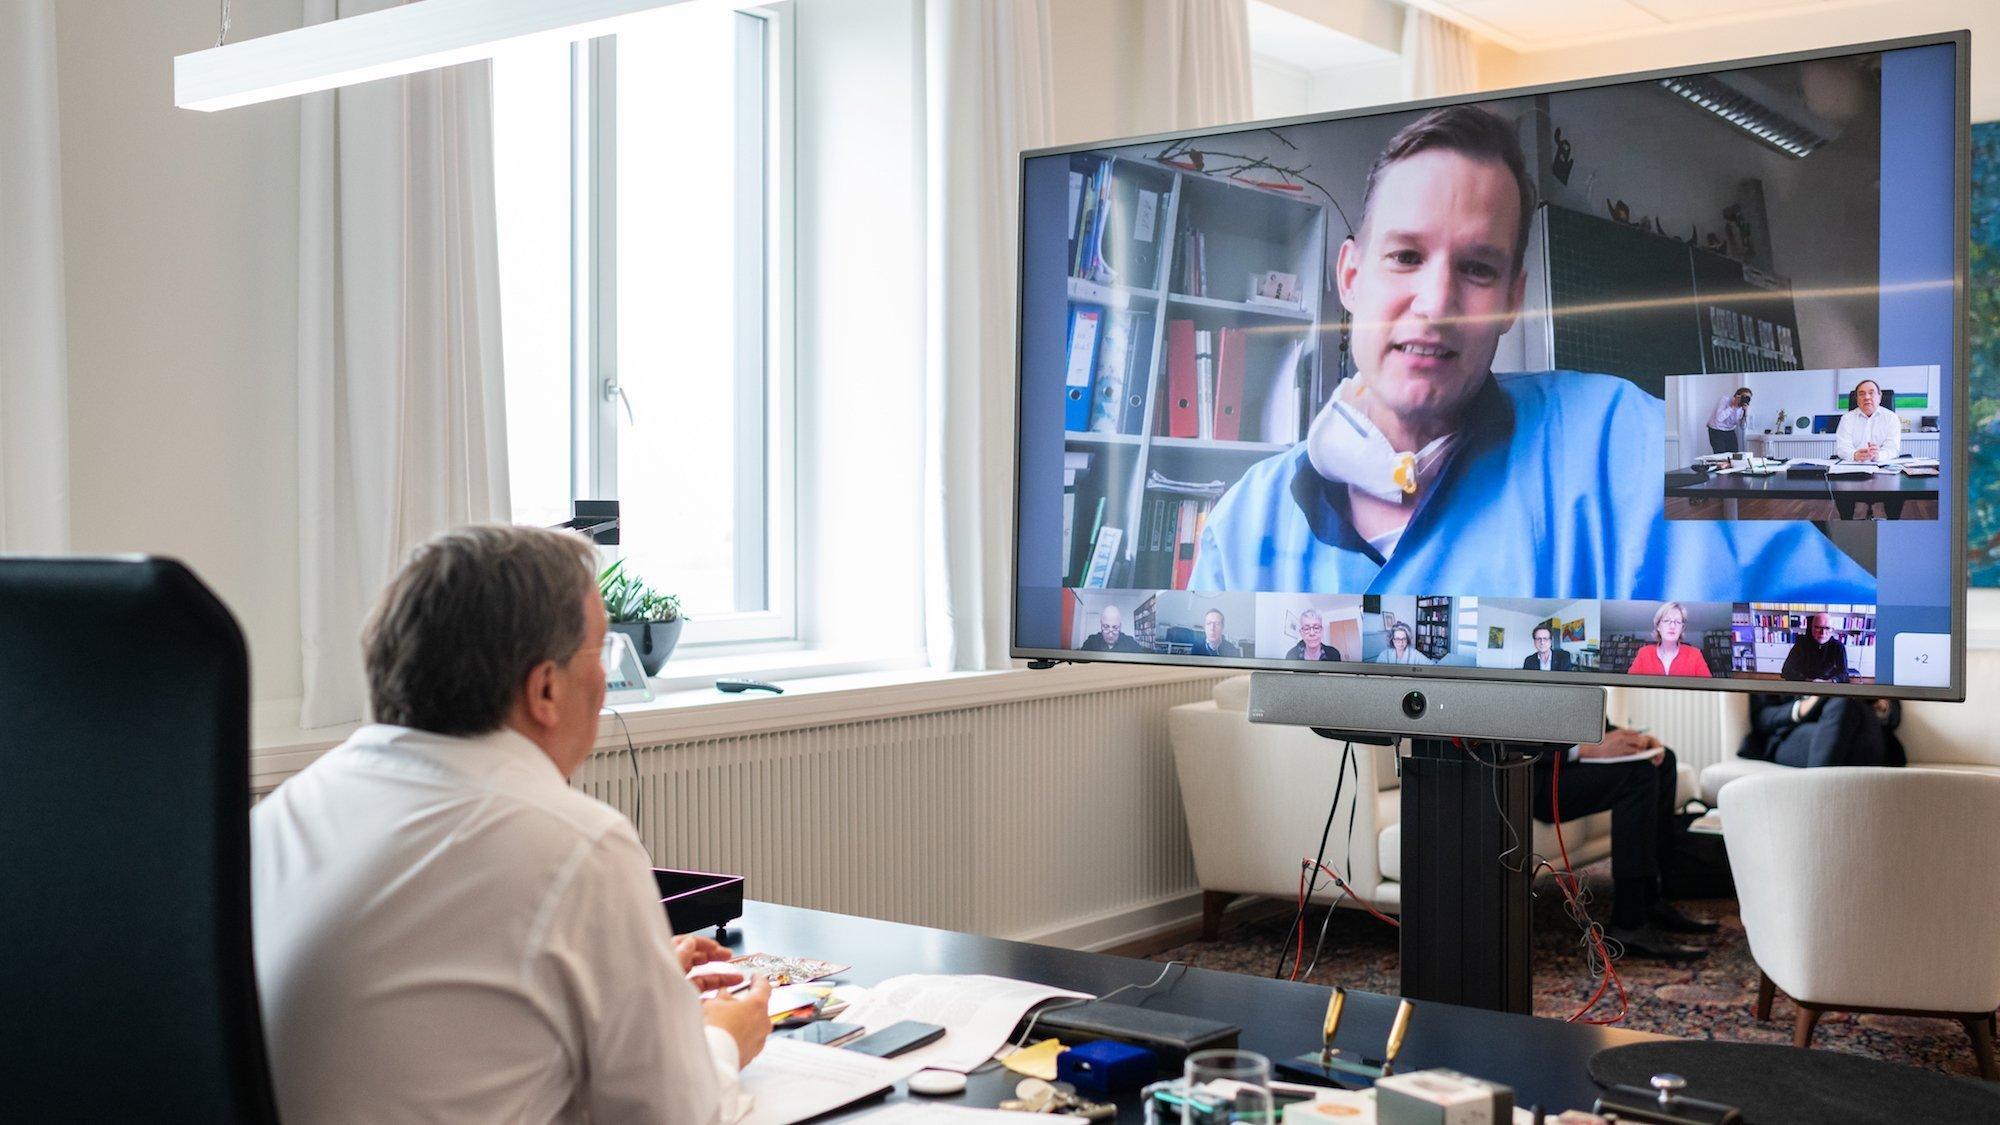 Das Bild zeigt den Ministerpräsidenten in seinem Büro. Er sitzt am Schreibtisch. Vor ihm ein großer Bildschirm, auf dem der Forscher Streeck zu sehen ist.